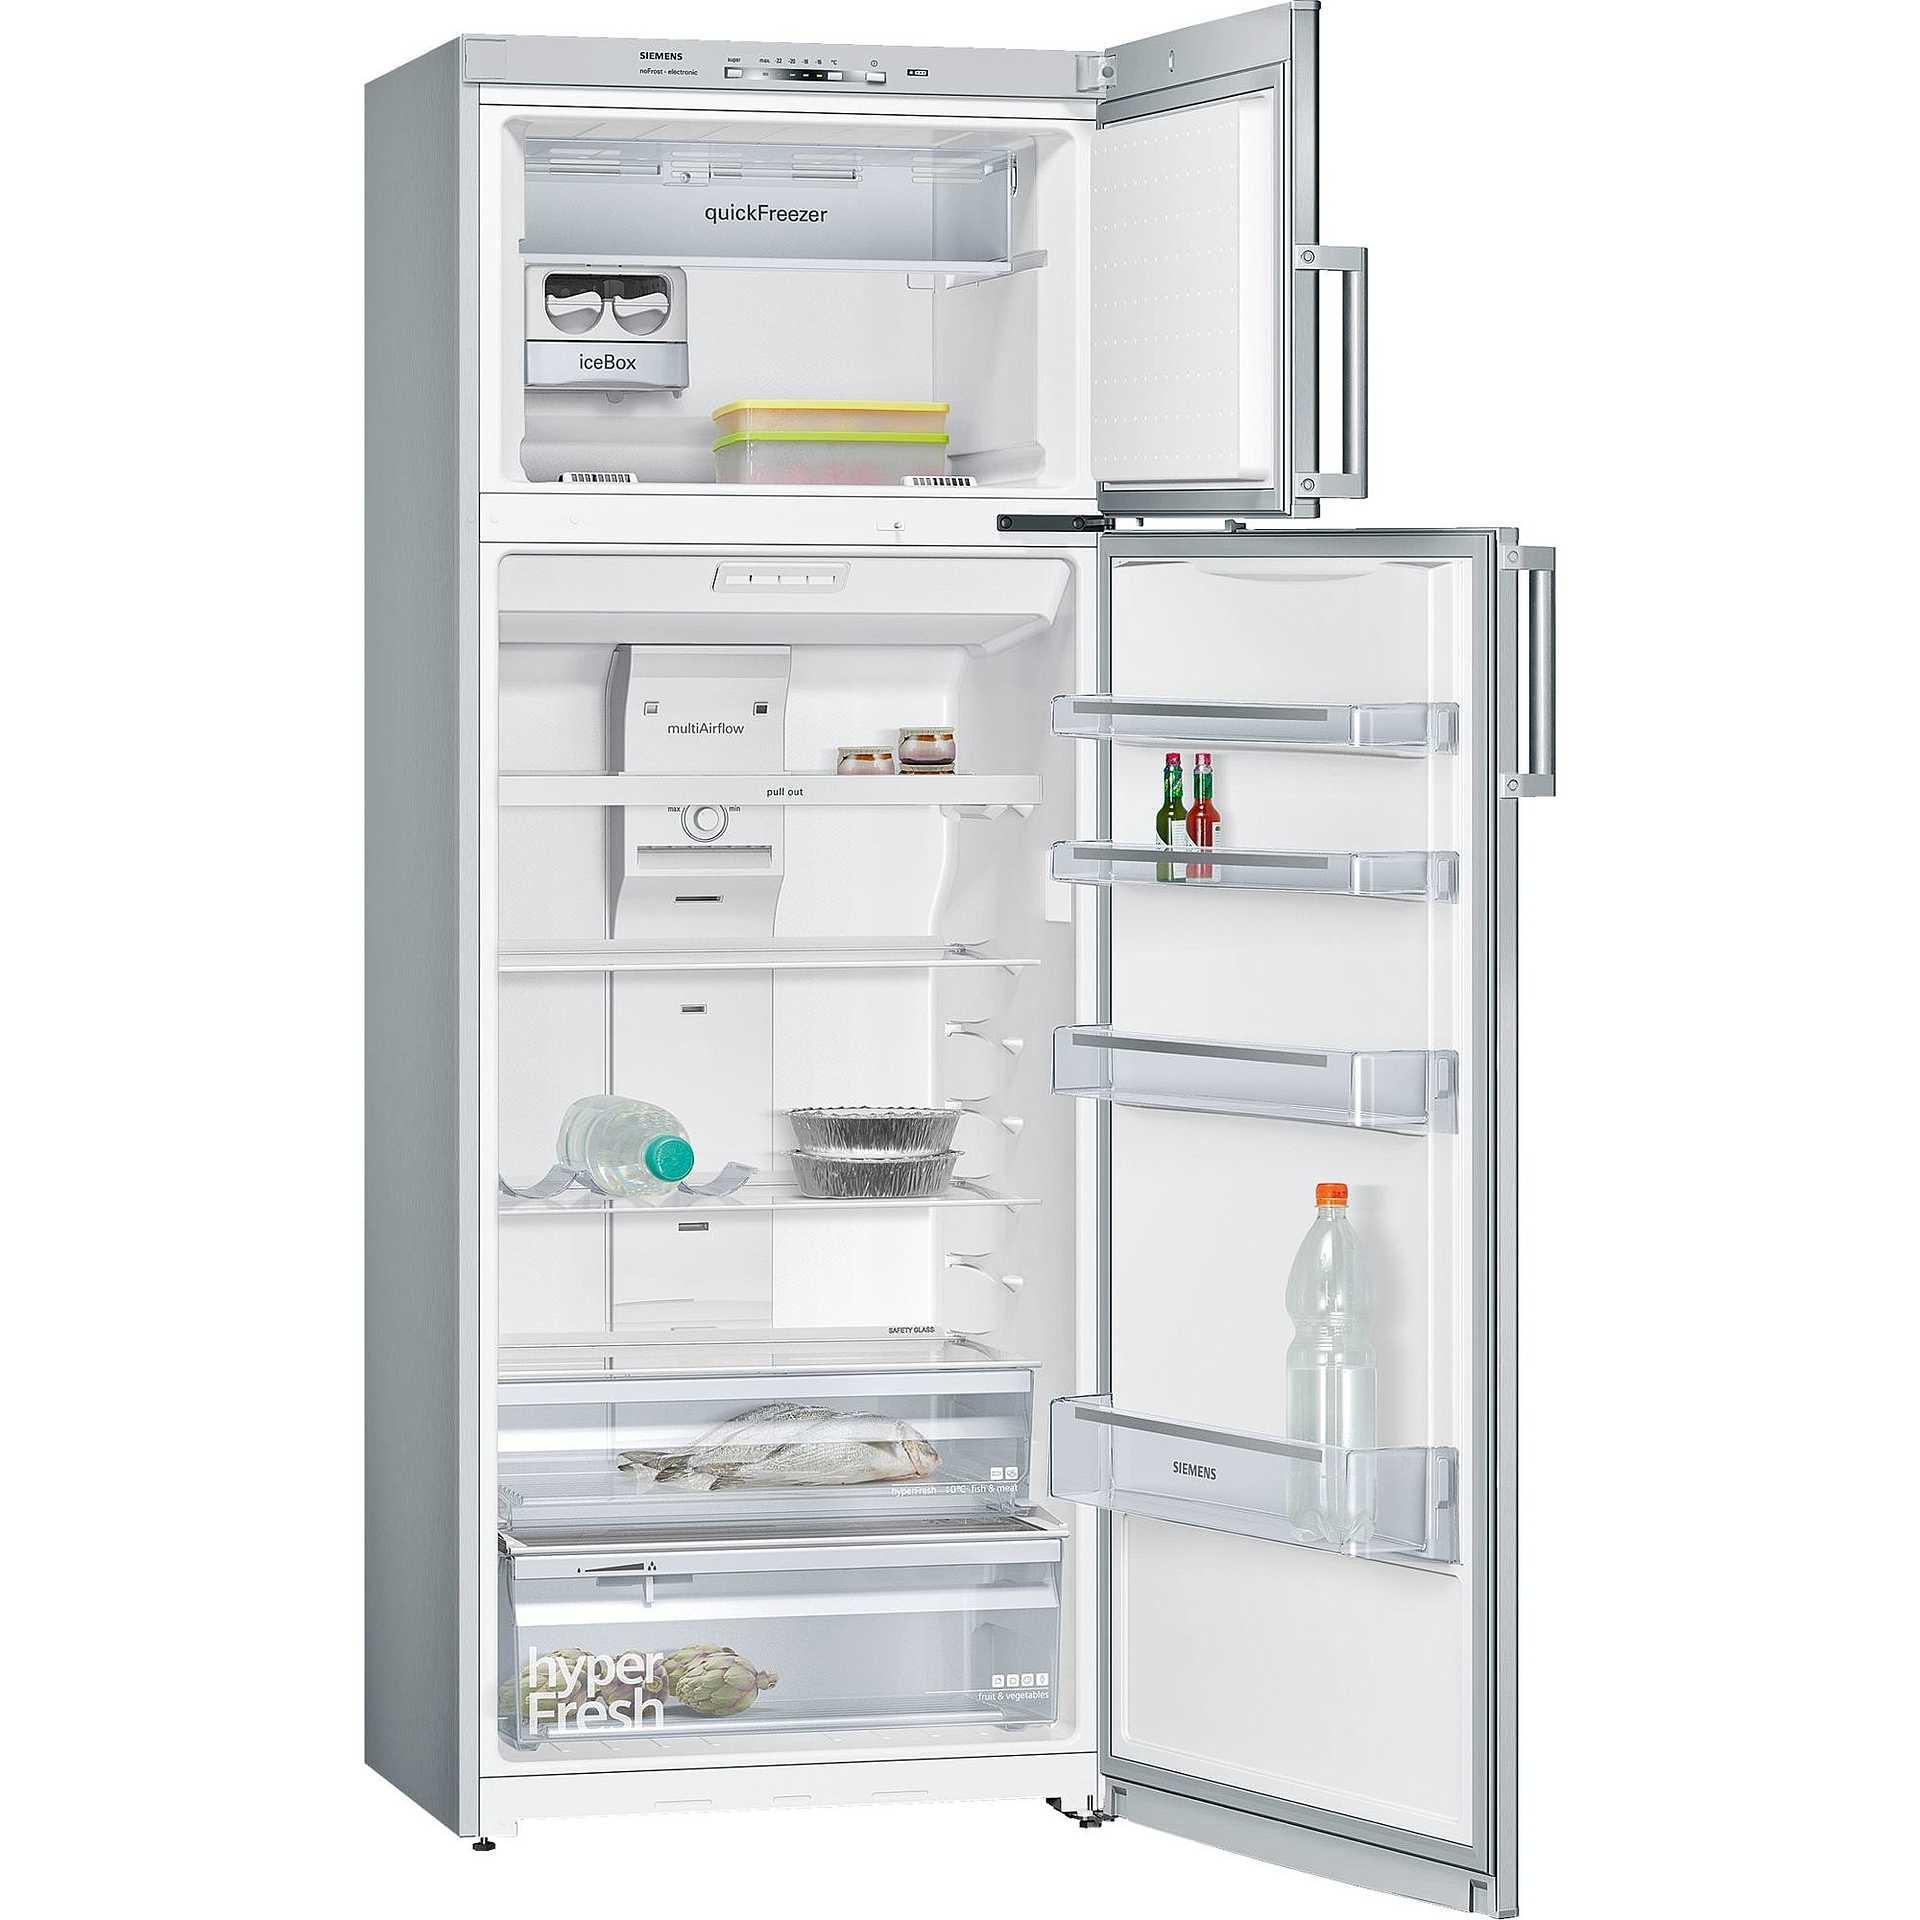 Siemens kd46nvi20 frigorifero doppia porta 371 litri - Frigoriferi doppia porta classe a ...